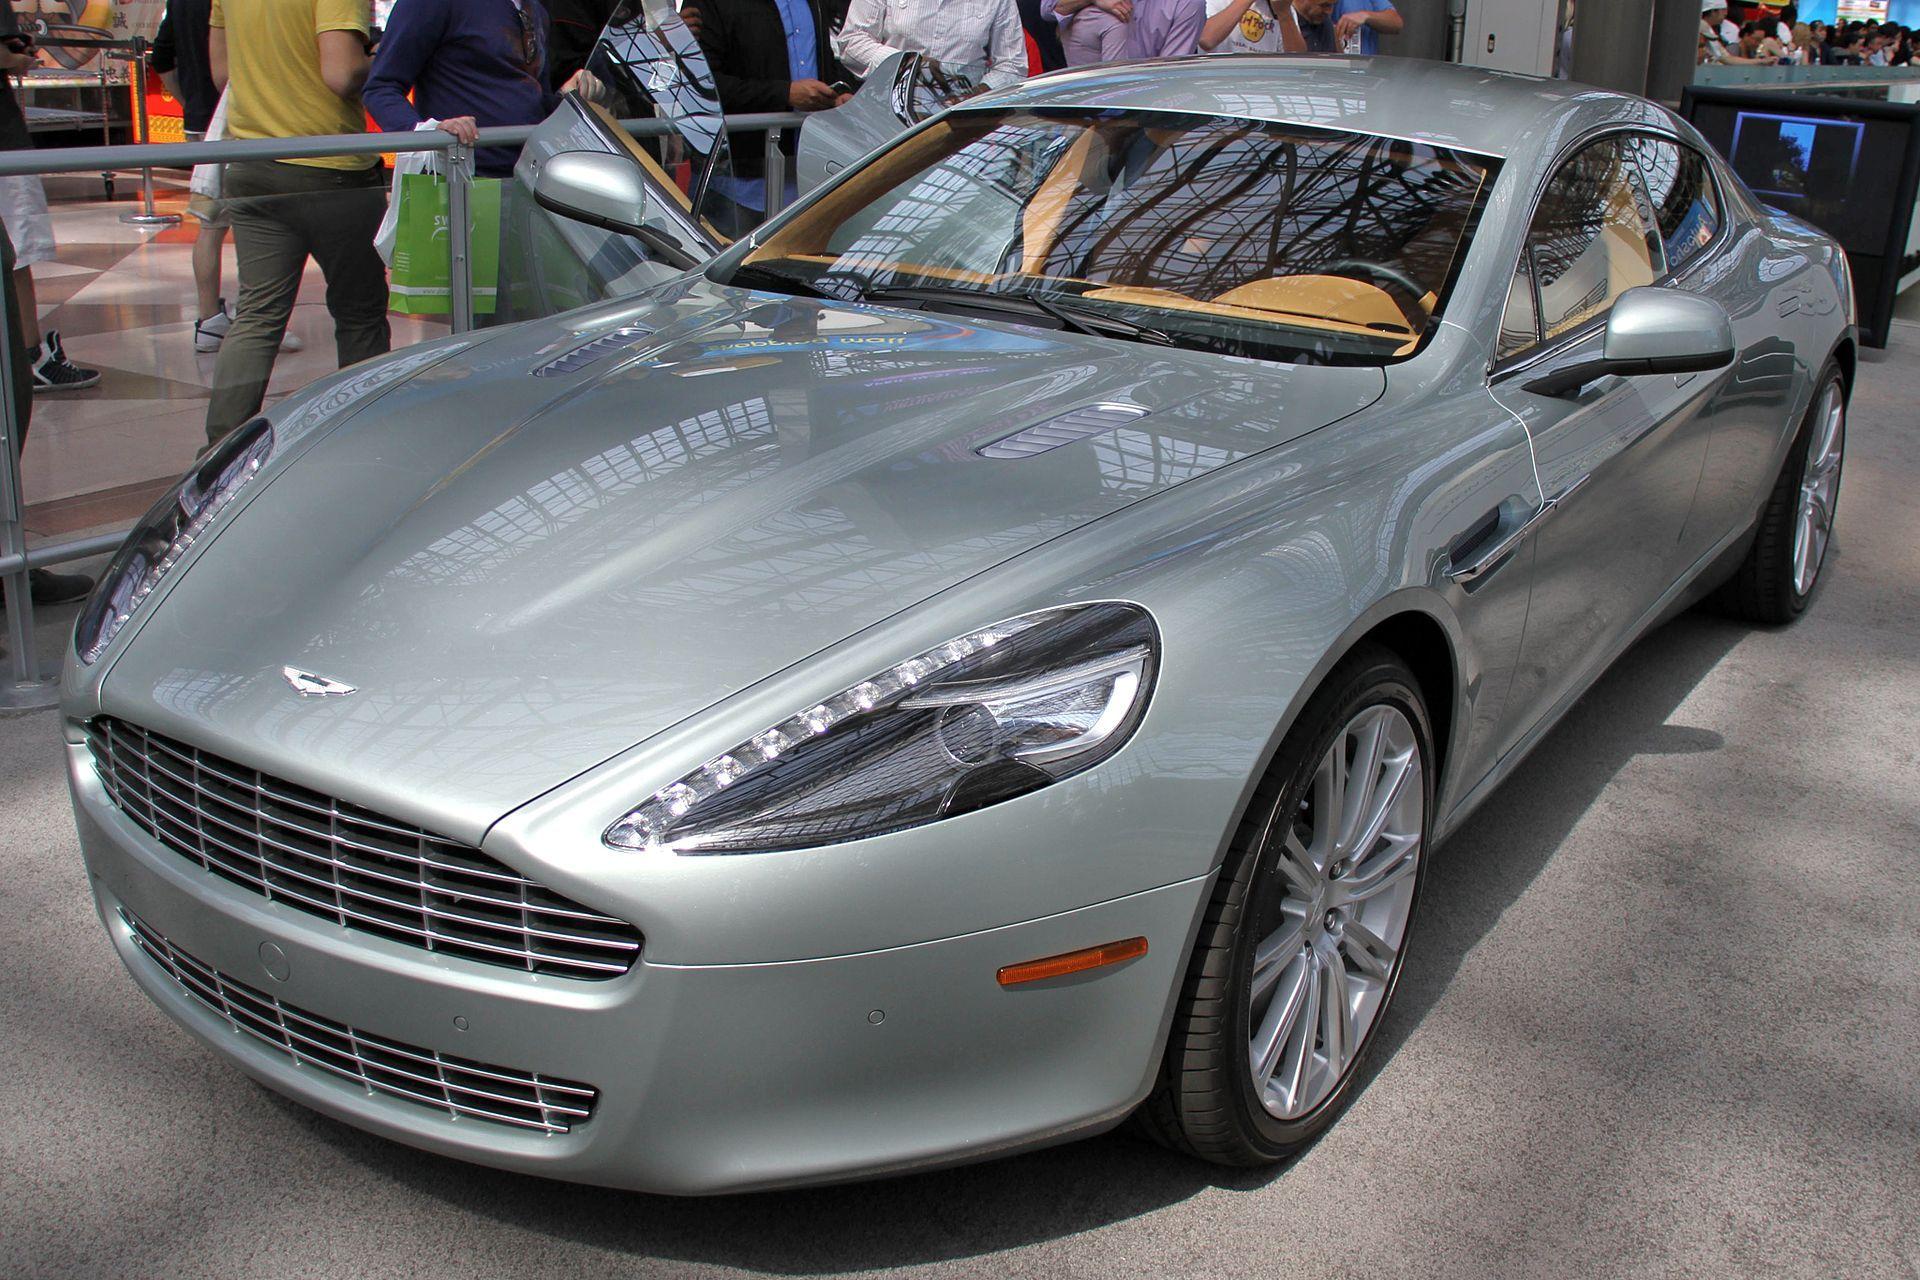 Aston Martin Rapide NYIAS - Aston Martin